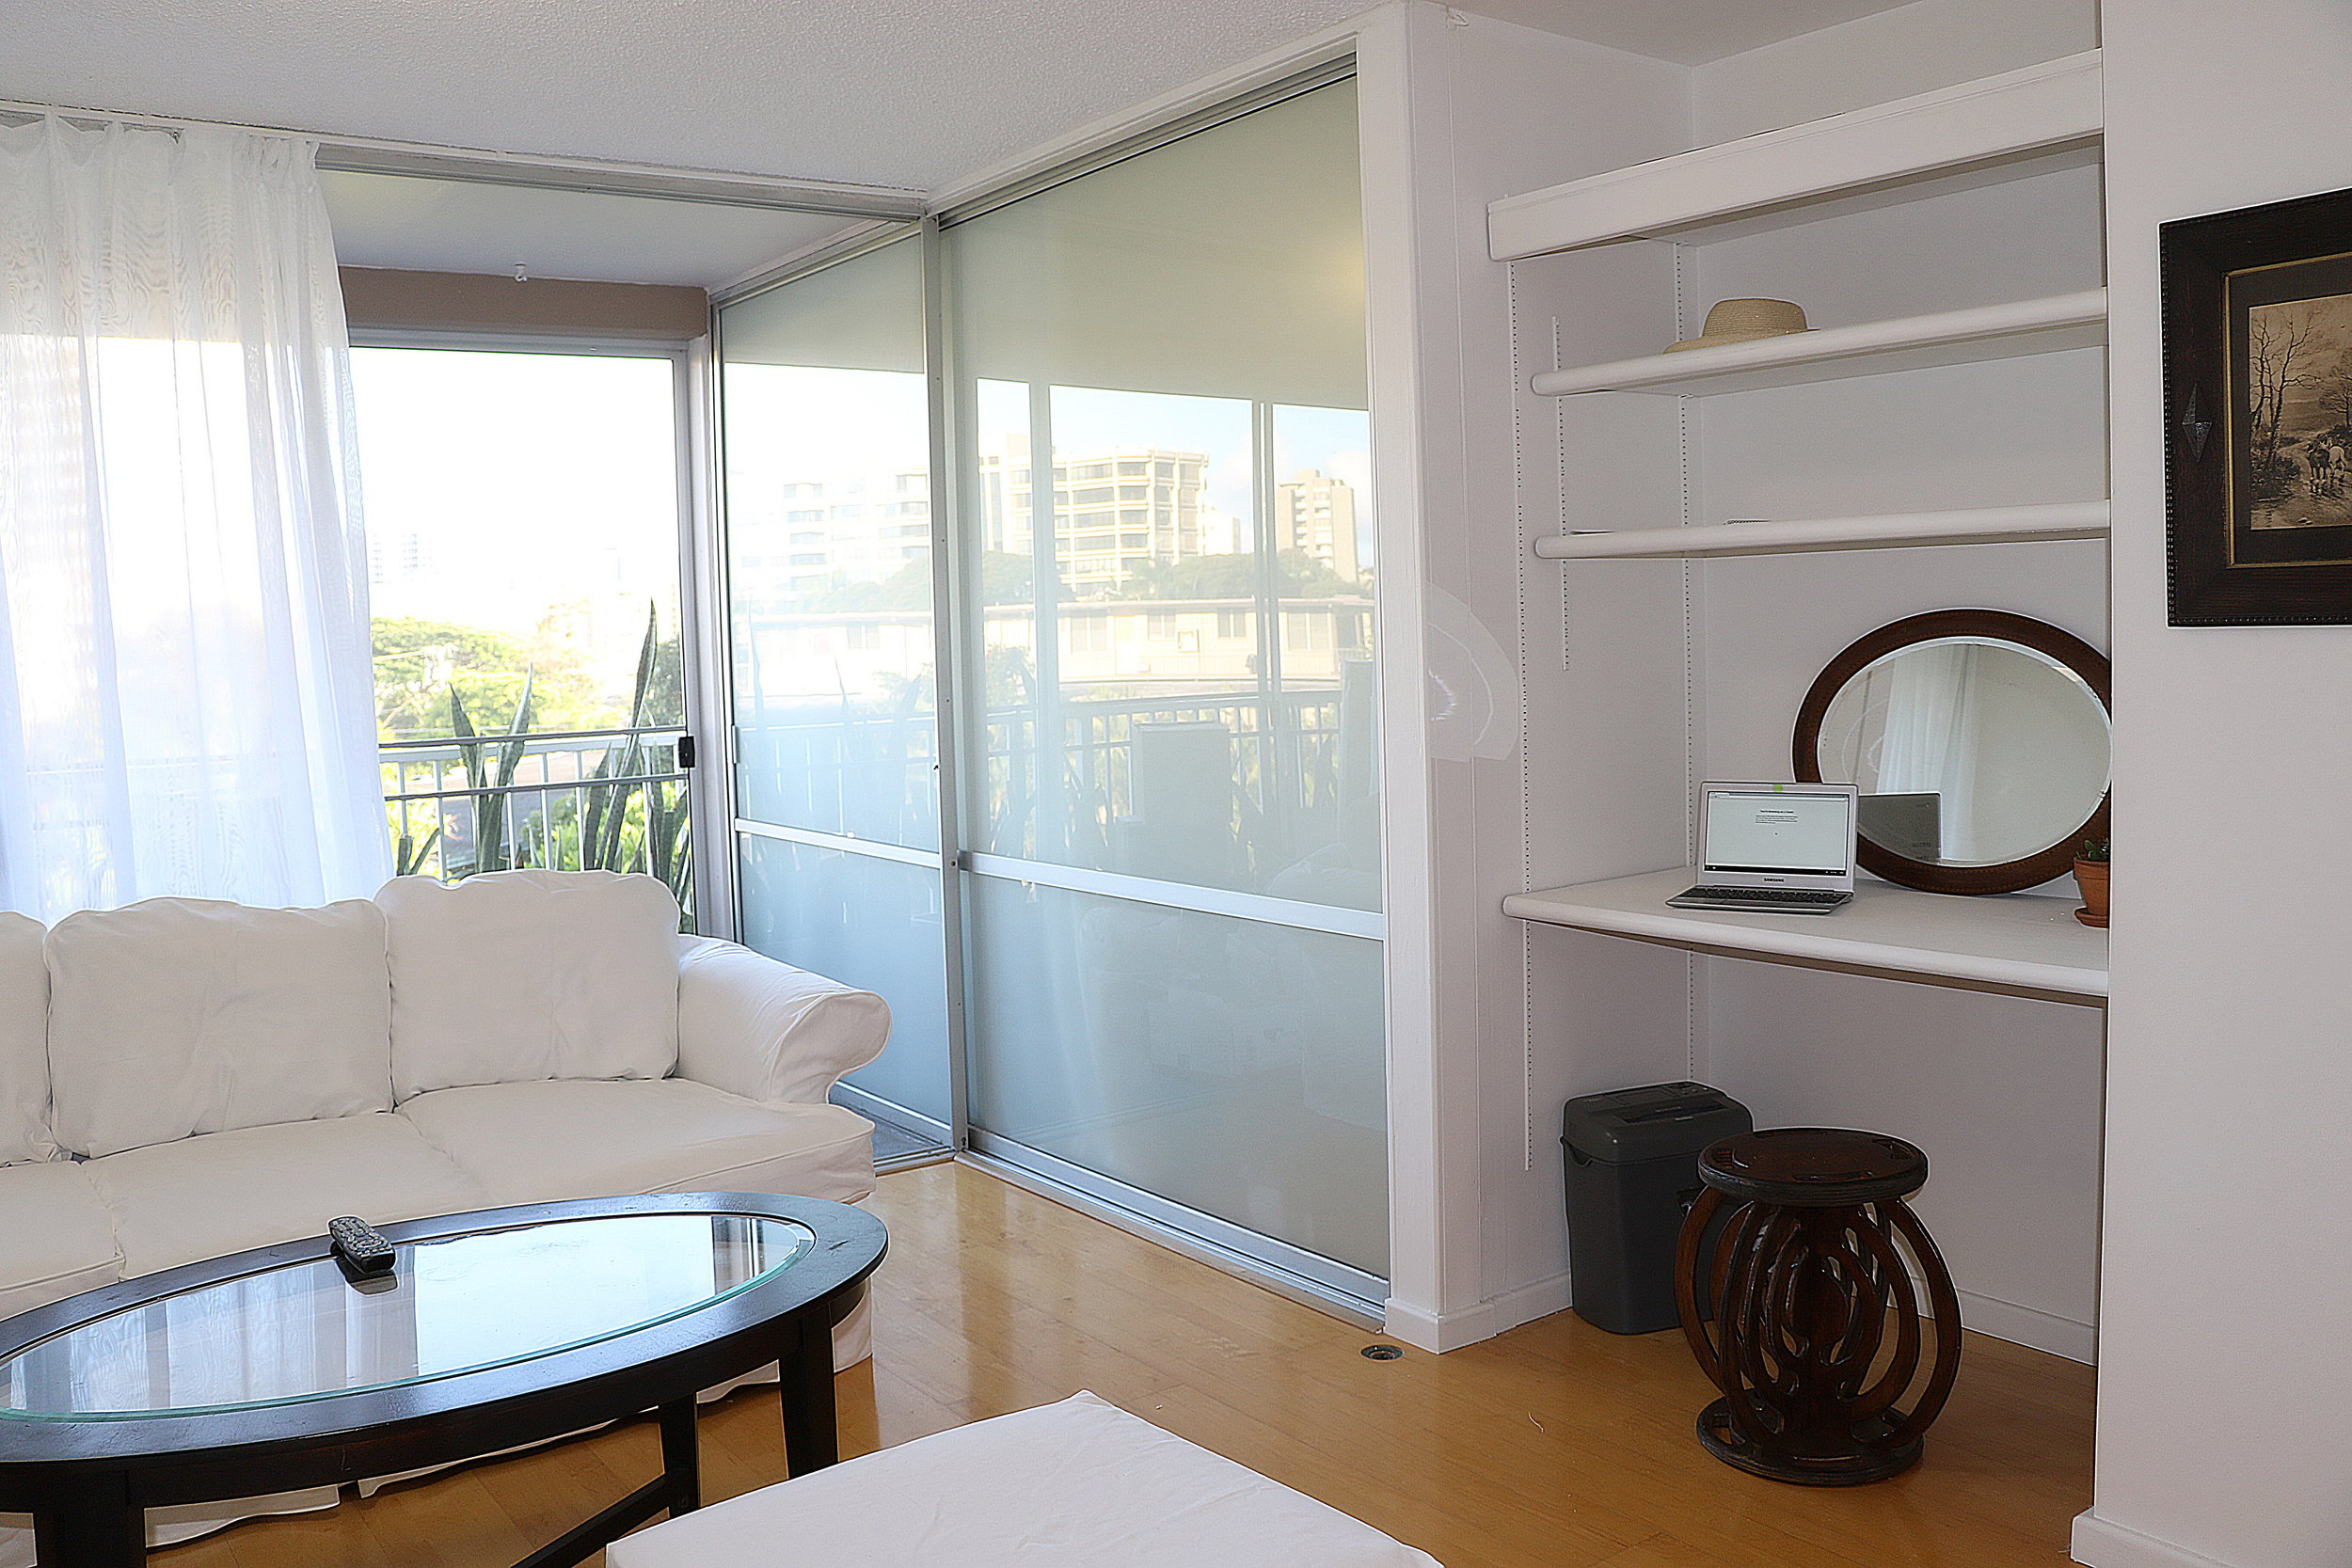 livingroom 1_2.jpg